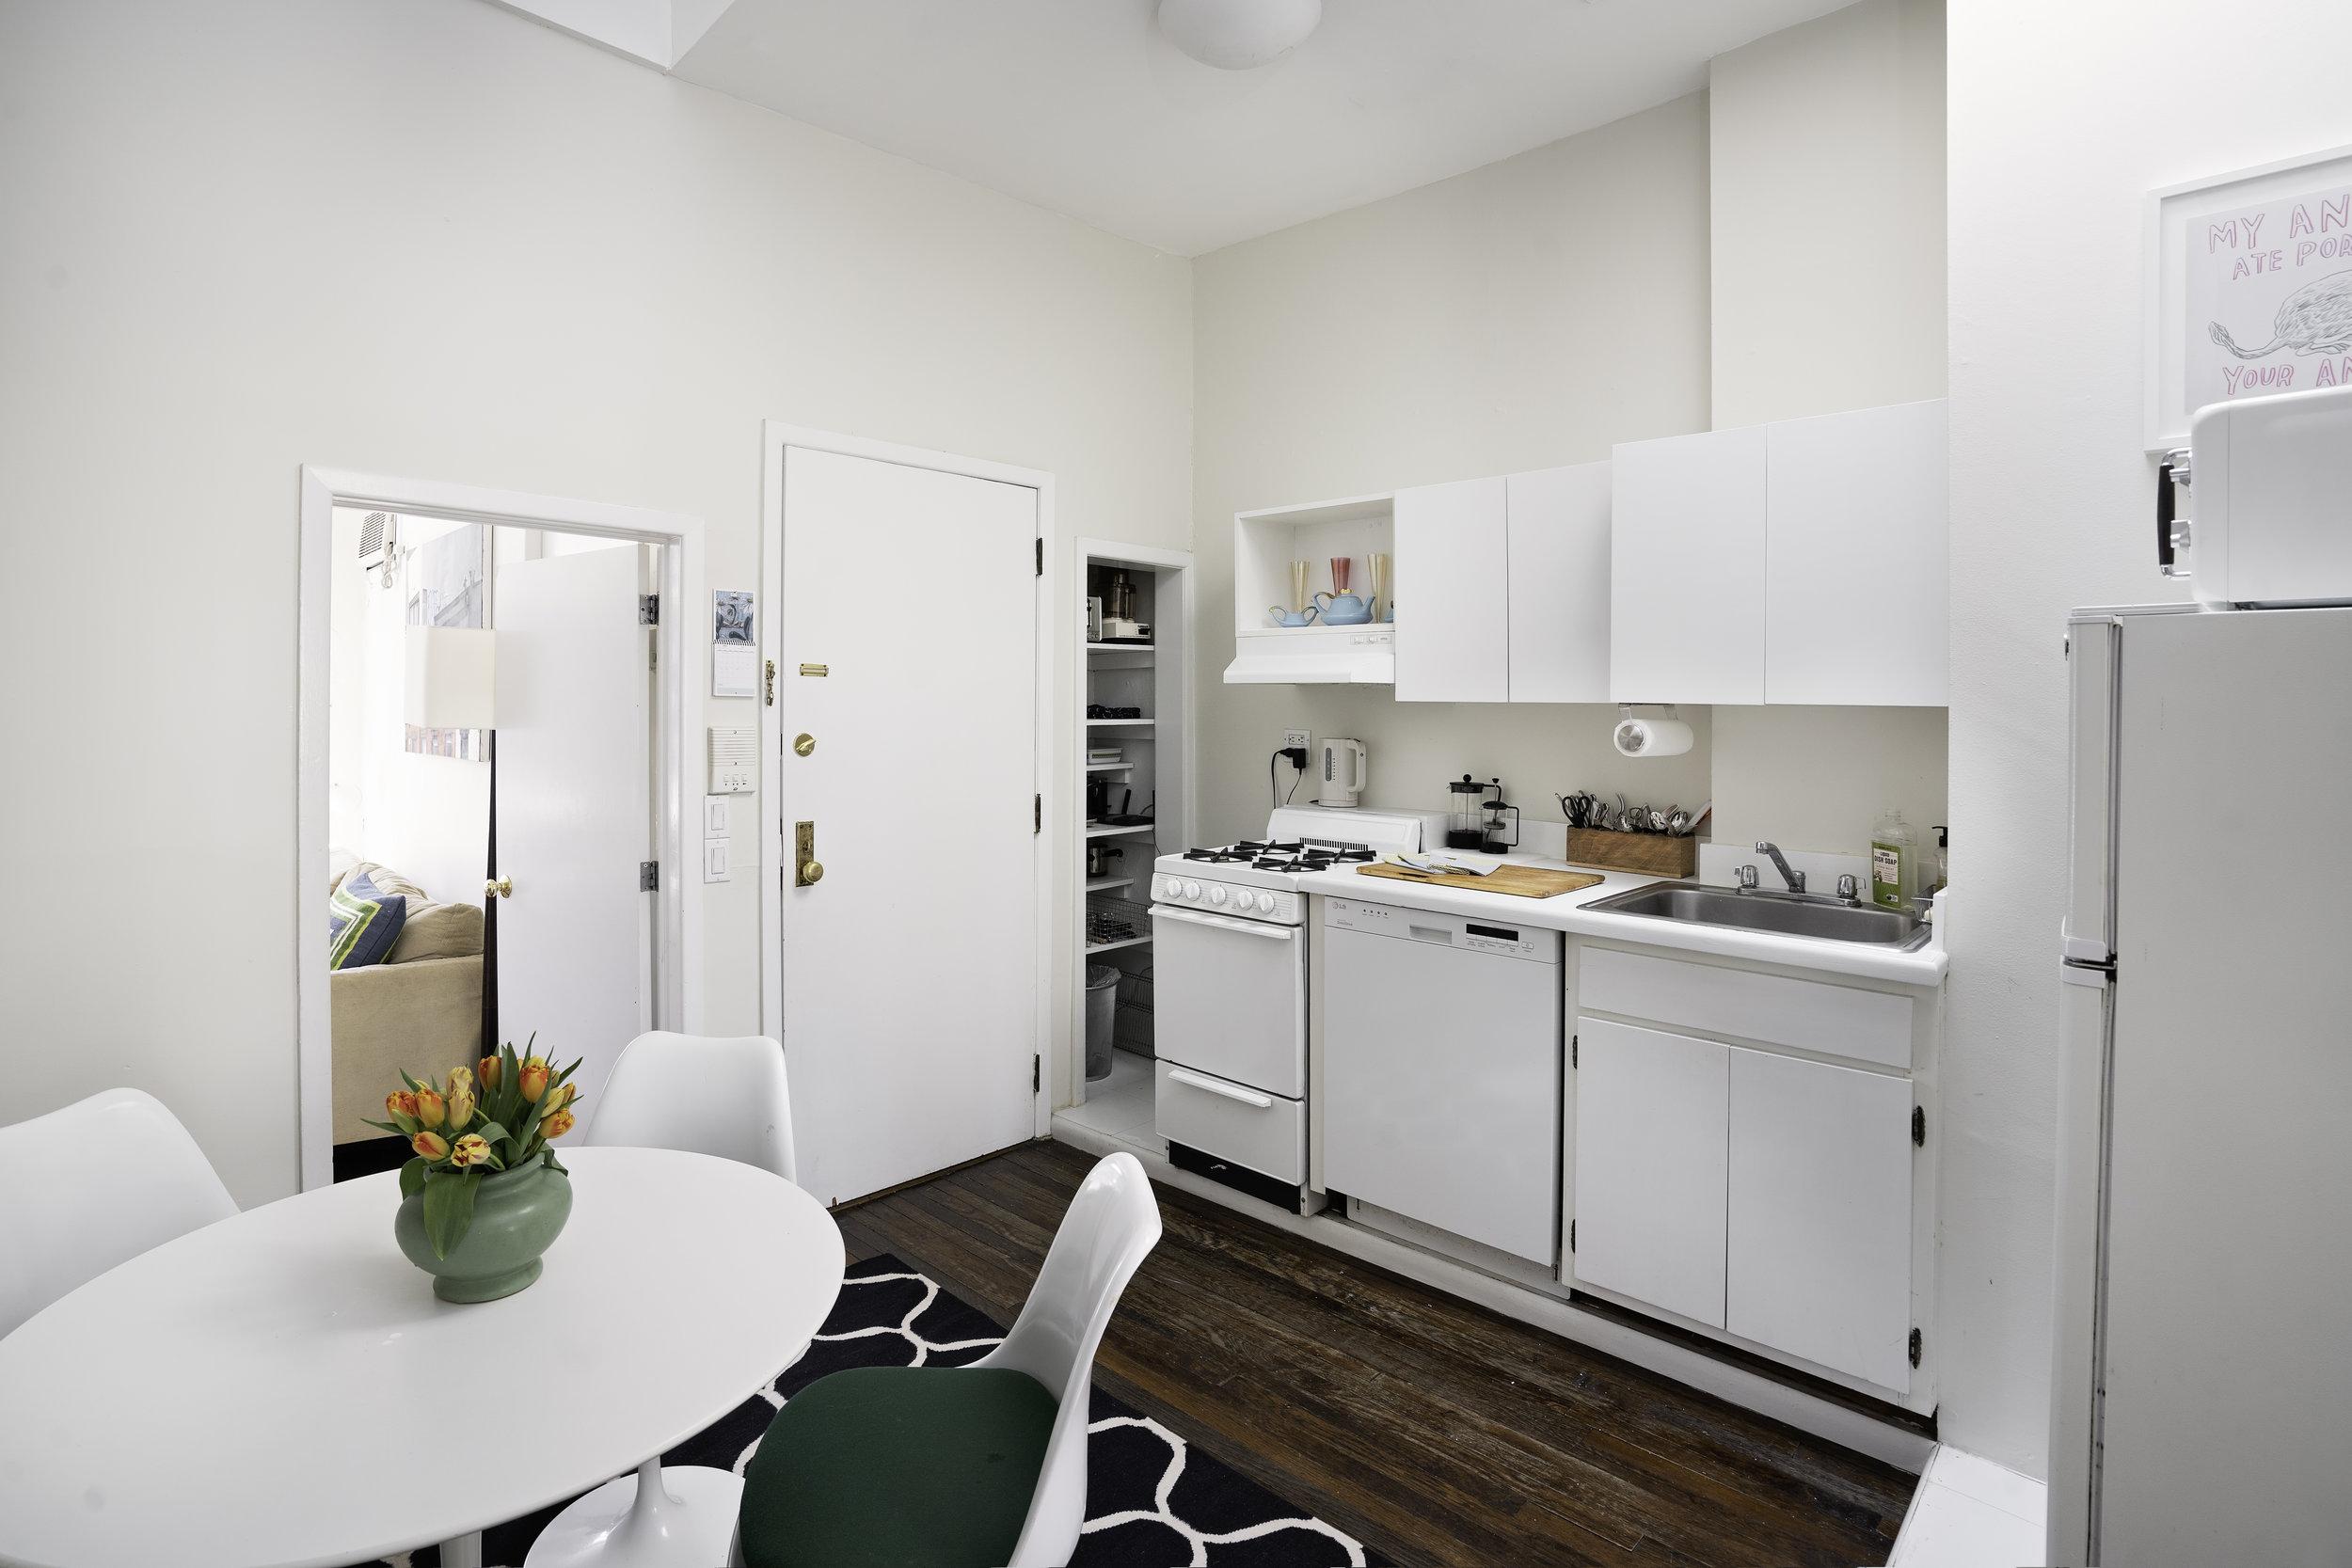 73bedford.kitchen.jpg